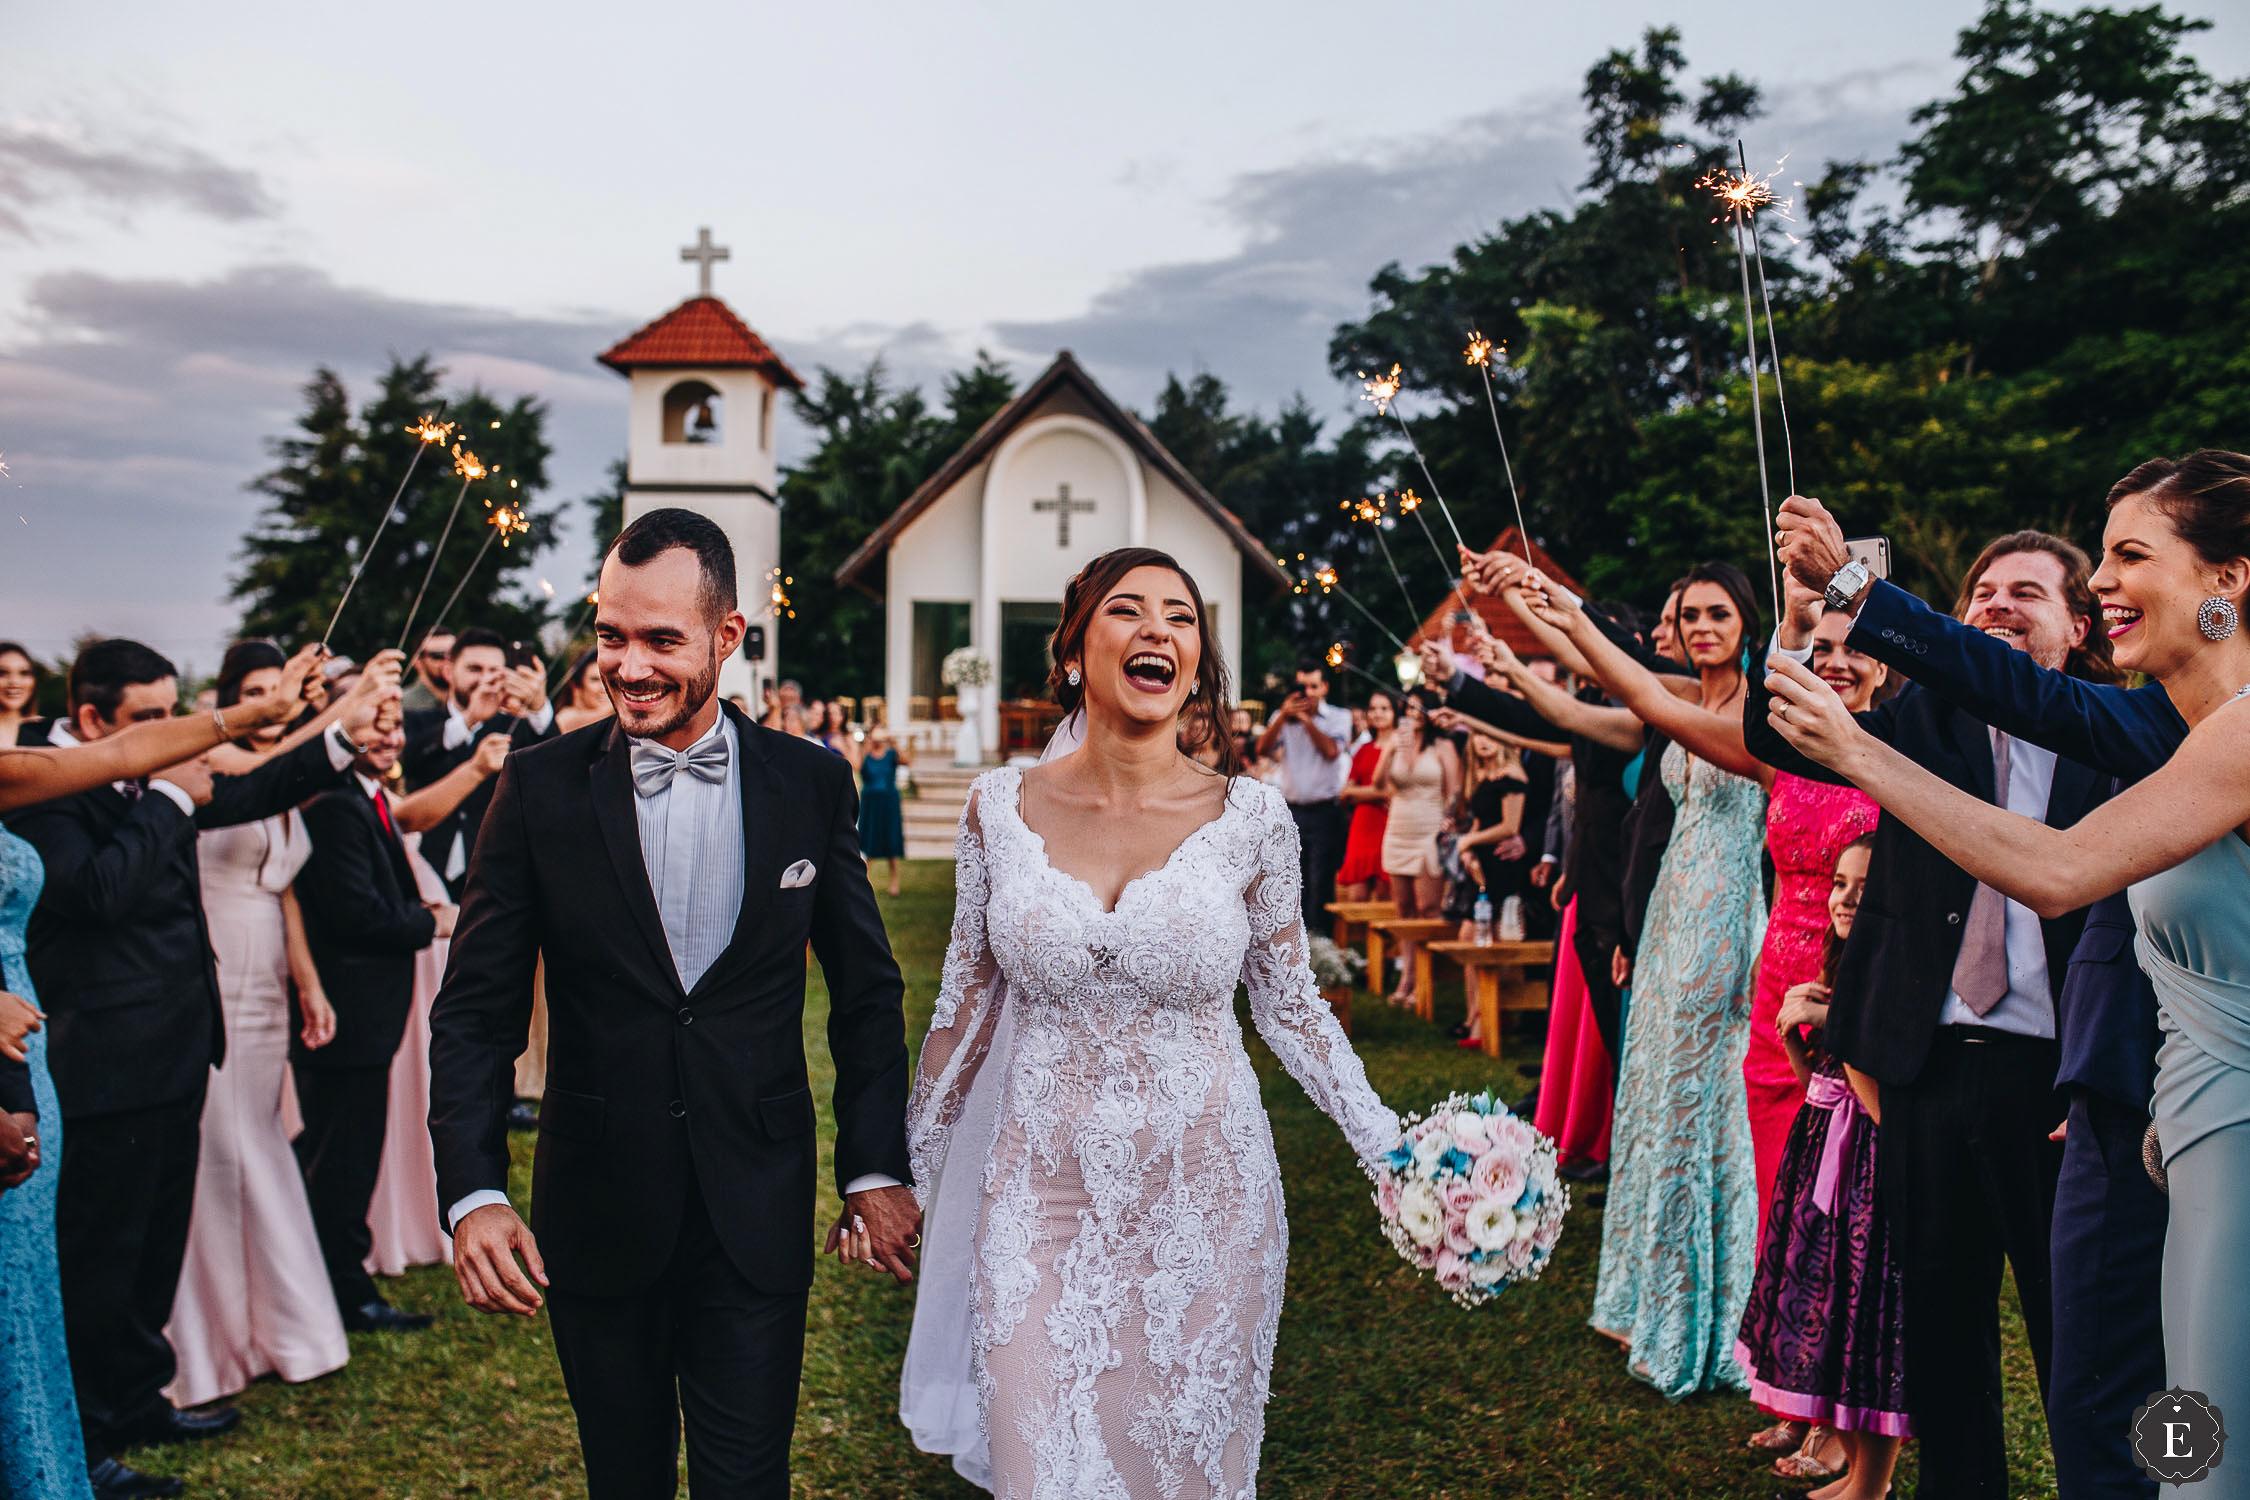 Contate Everton Vila - Fotos de Casamento Diferentes em Cianorte - Paraná